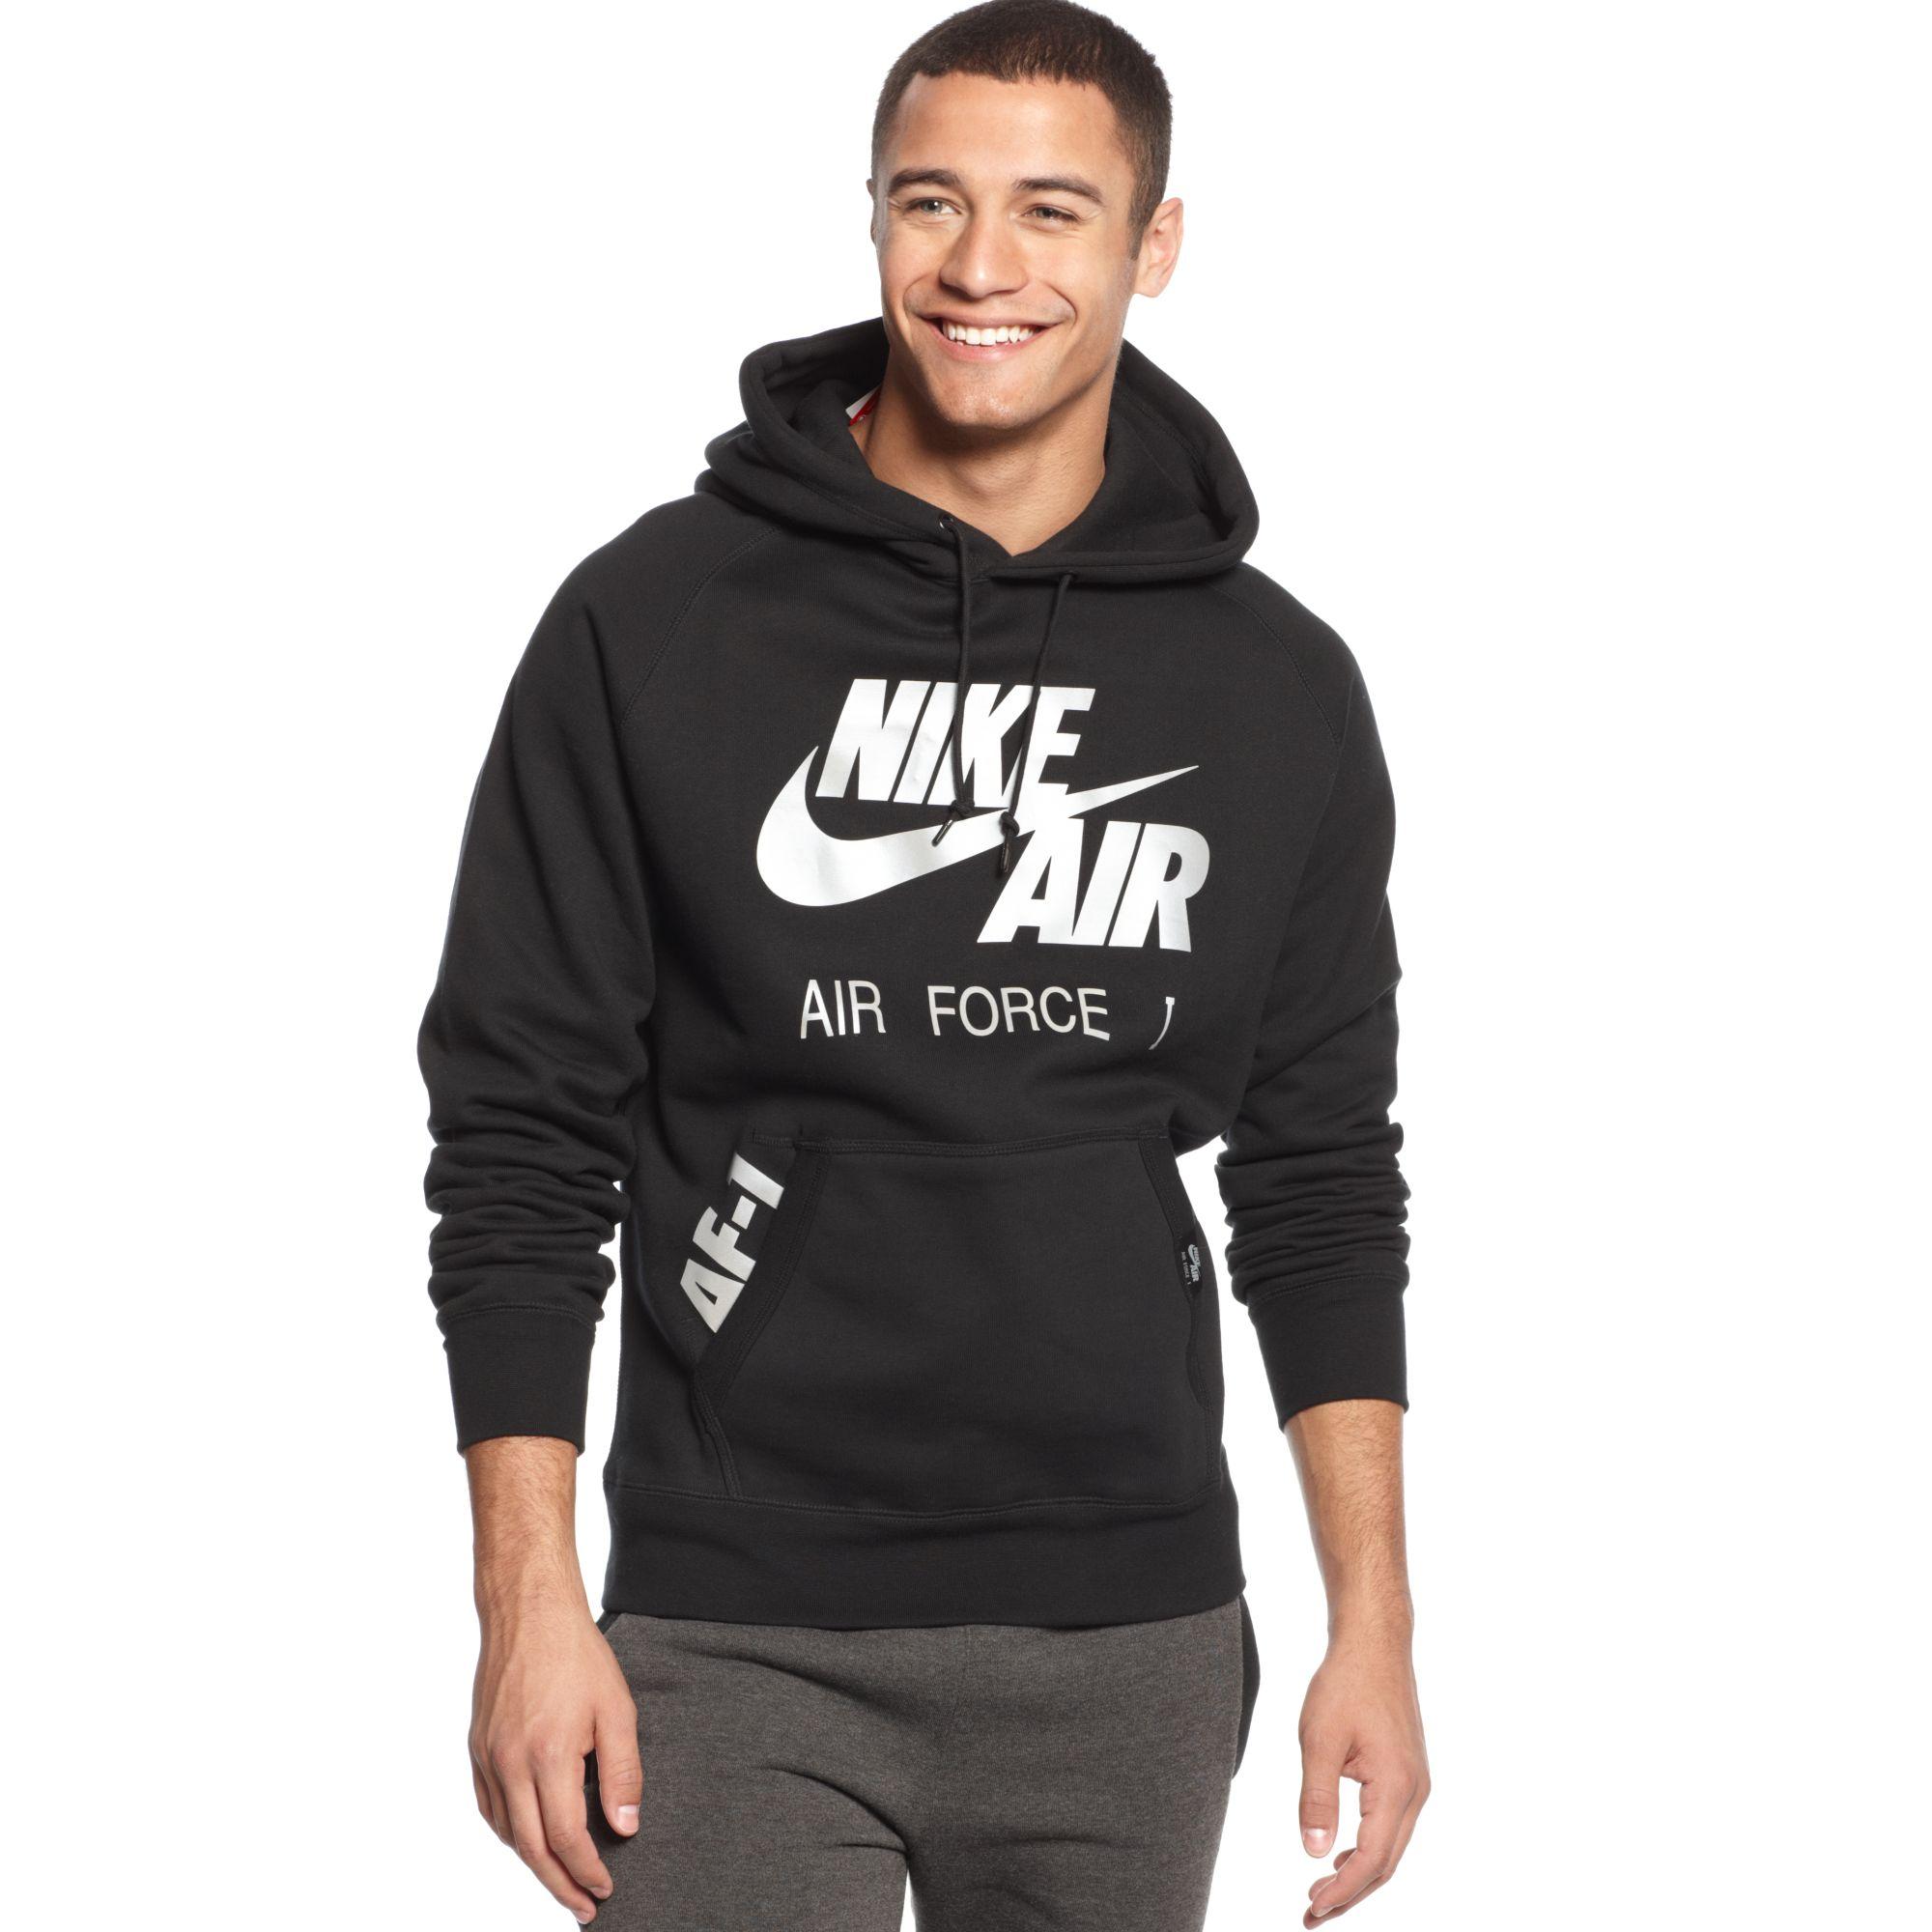 027057eb Nike Air Force 1 Hoodie in Black for Men - Lyst